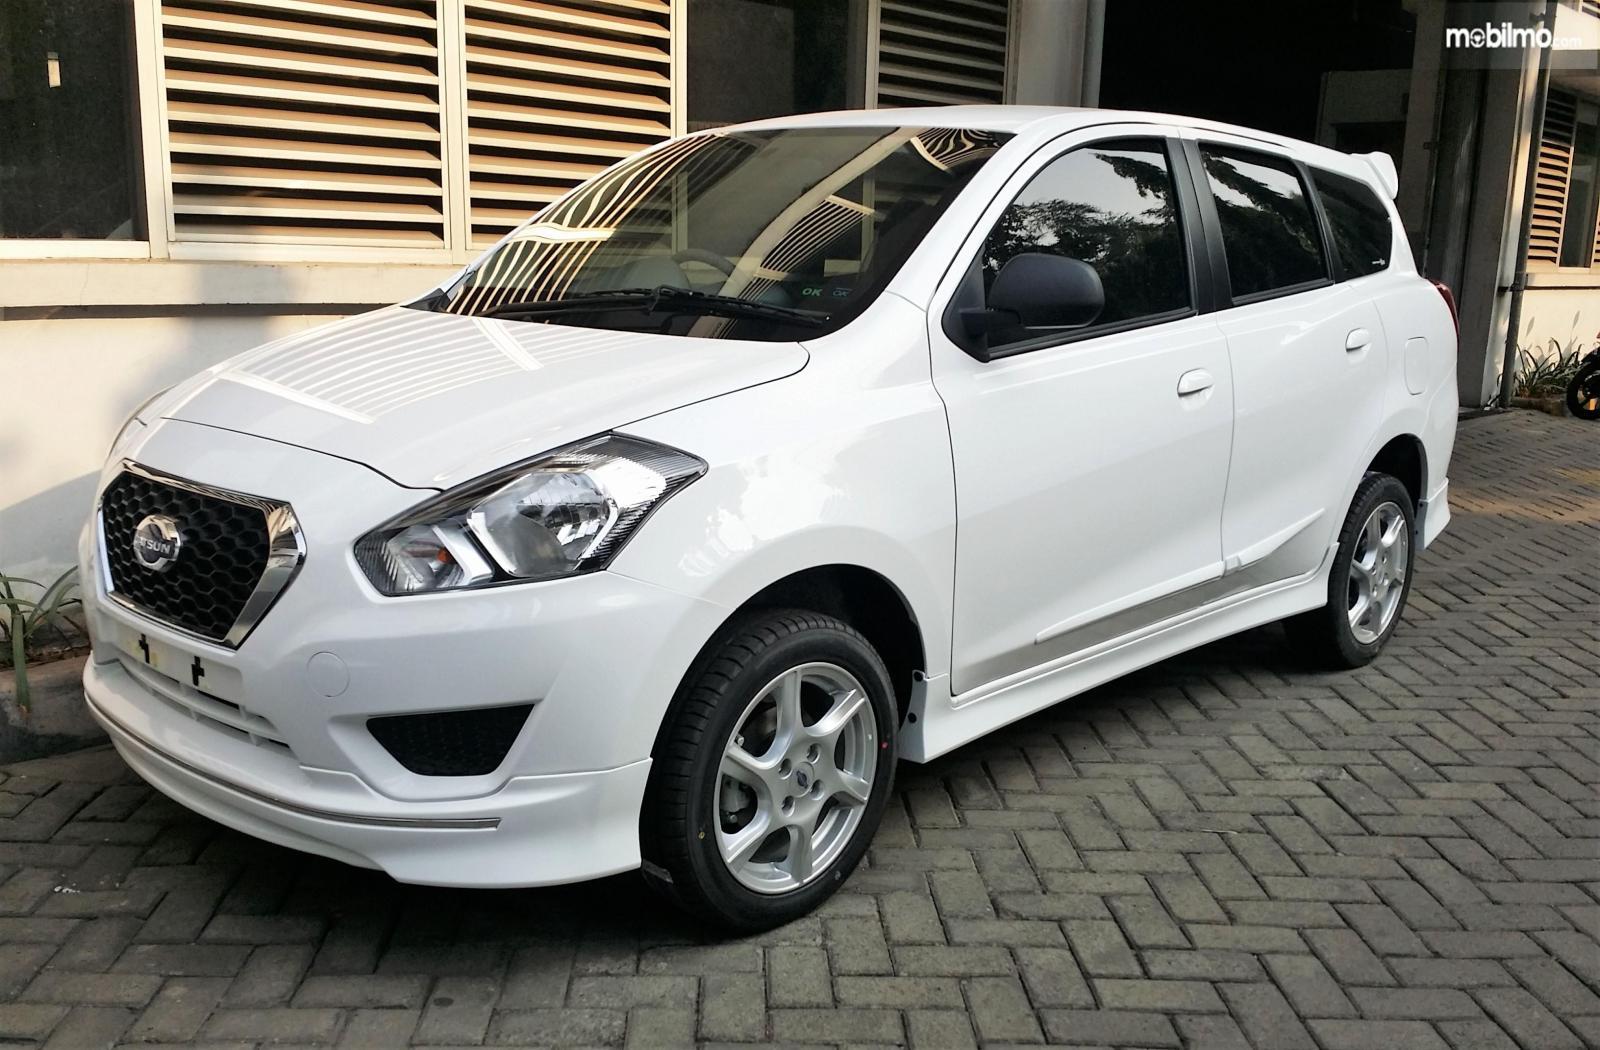 Foto Datsun GO+ Panca M/T 2014 warna putih tampak samping depan